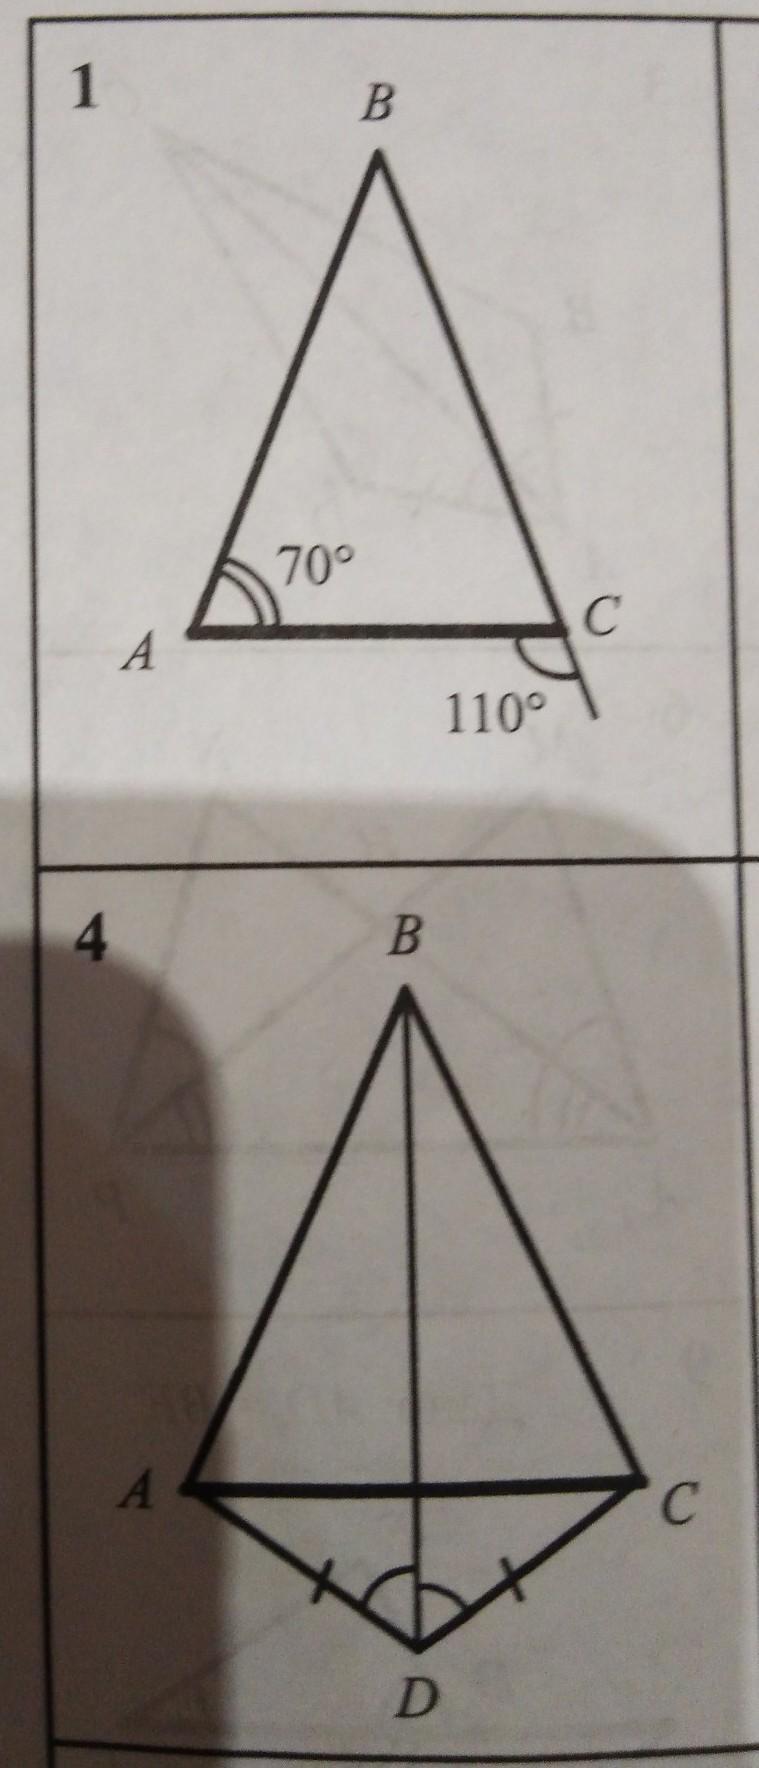 Пожалуйста, помогите с решением задачи. Нужно